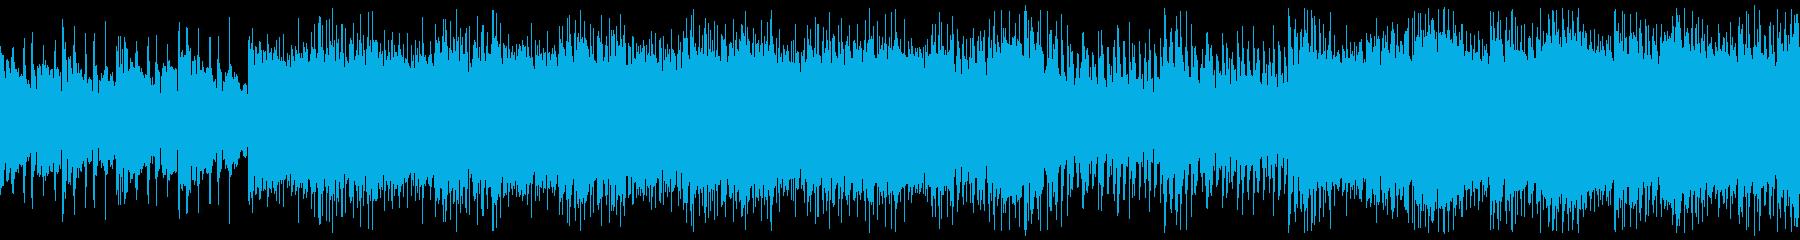 桜庭統風バトルBGMの再生済みの波形